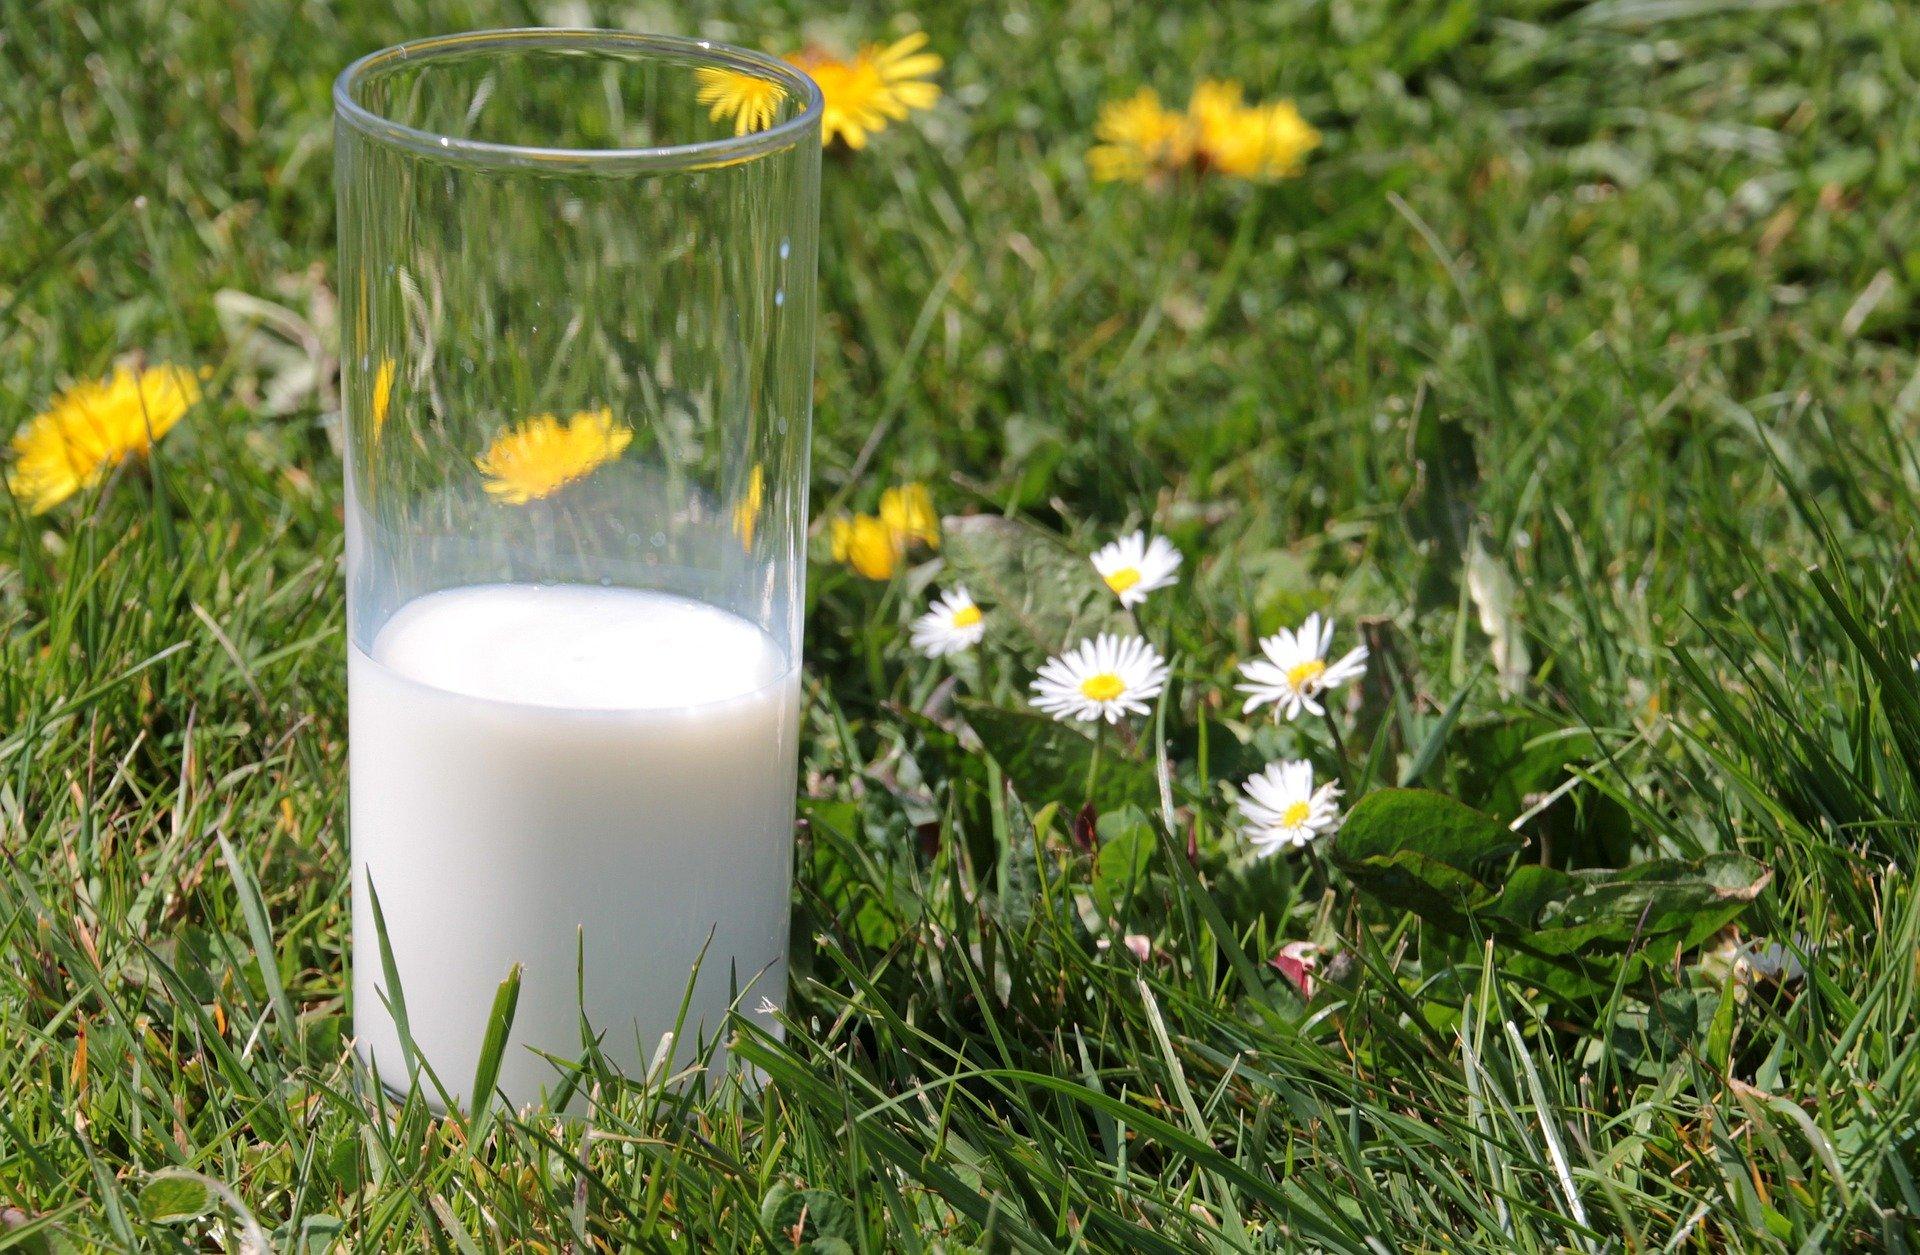 Частка молока екстраґатунку зданого на переробку зросла до 26,4%